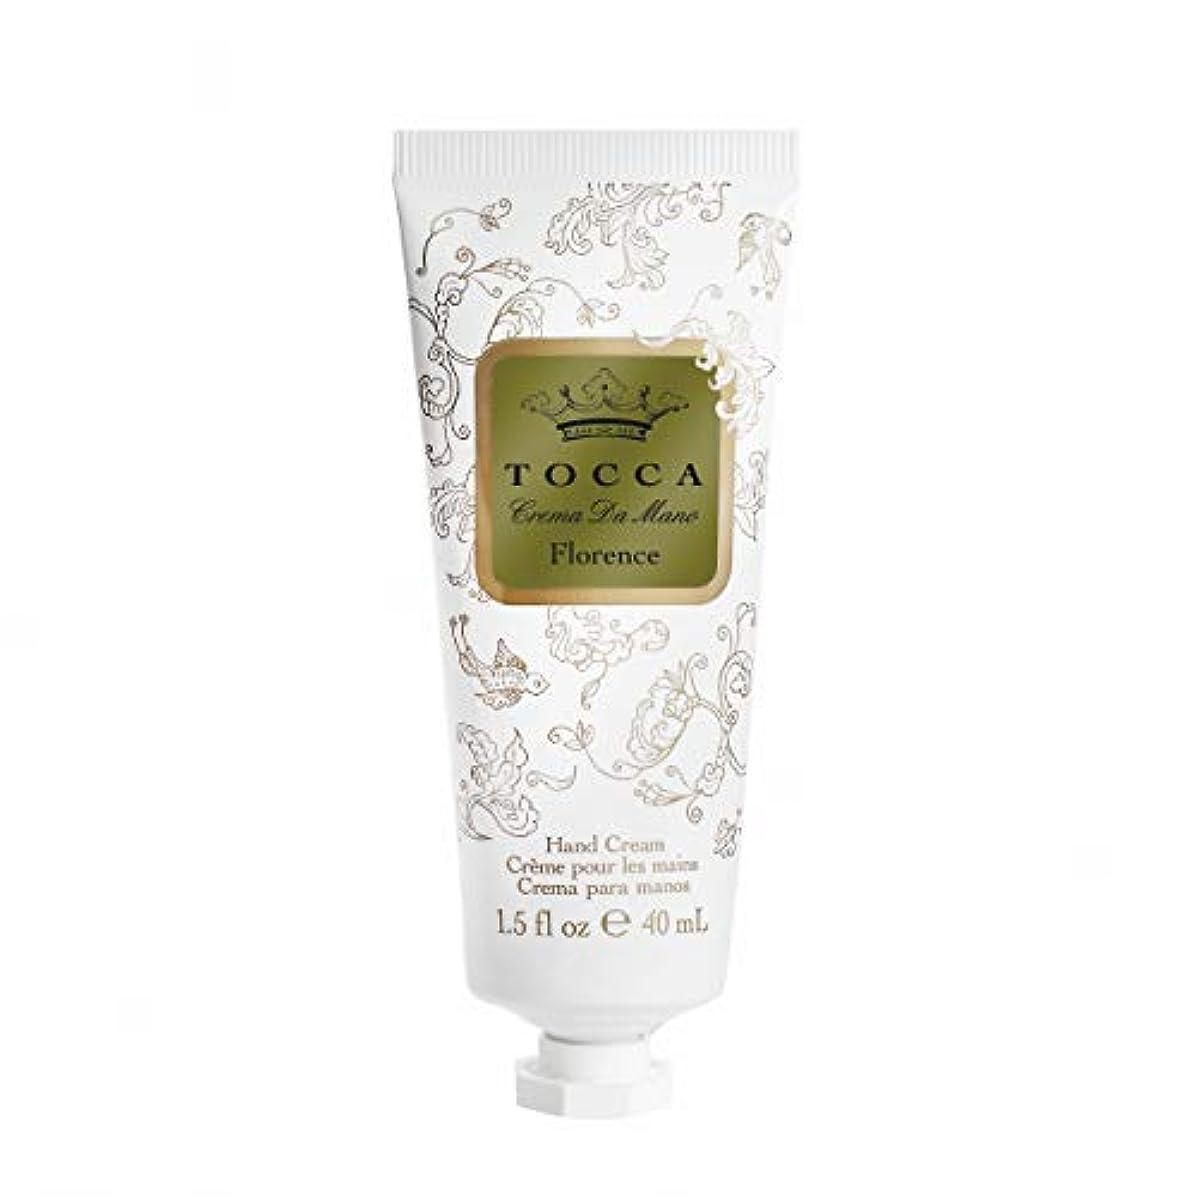 シード皮肉な繕うトッカ(TOCCA) ハンドクリーム フローレンスの香り 40mL (ガーデニアとベルガモットが誘うように溶け合うどこまでも上品なフローラルの香り)